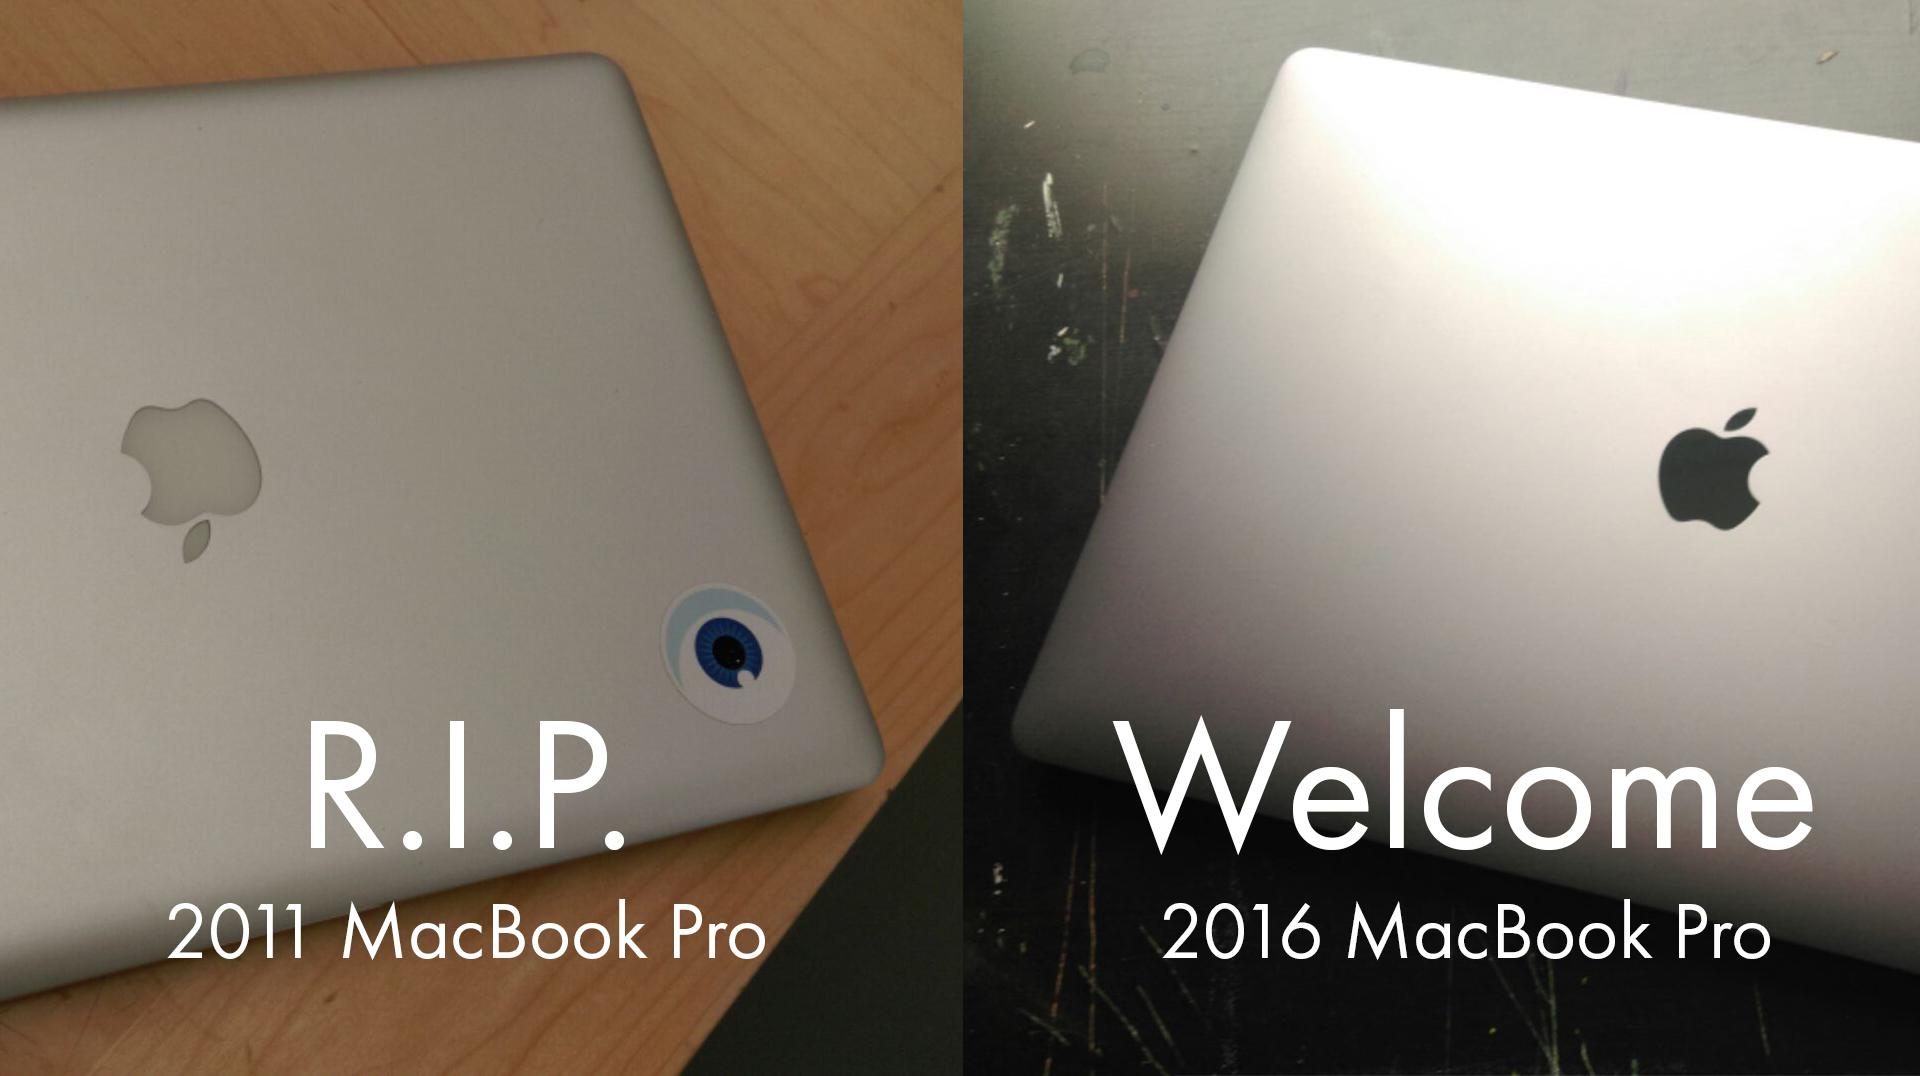 MacBook Pro 2016 Meinung und Bewertung